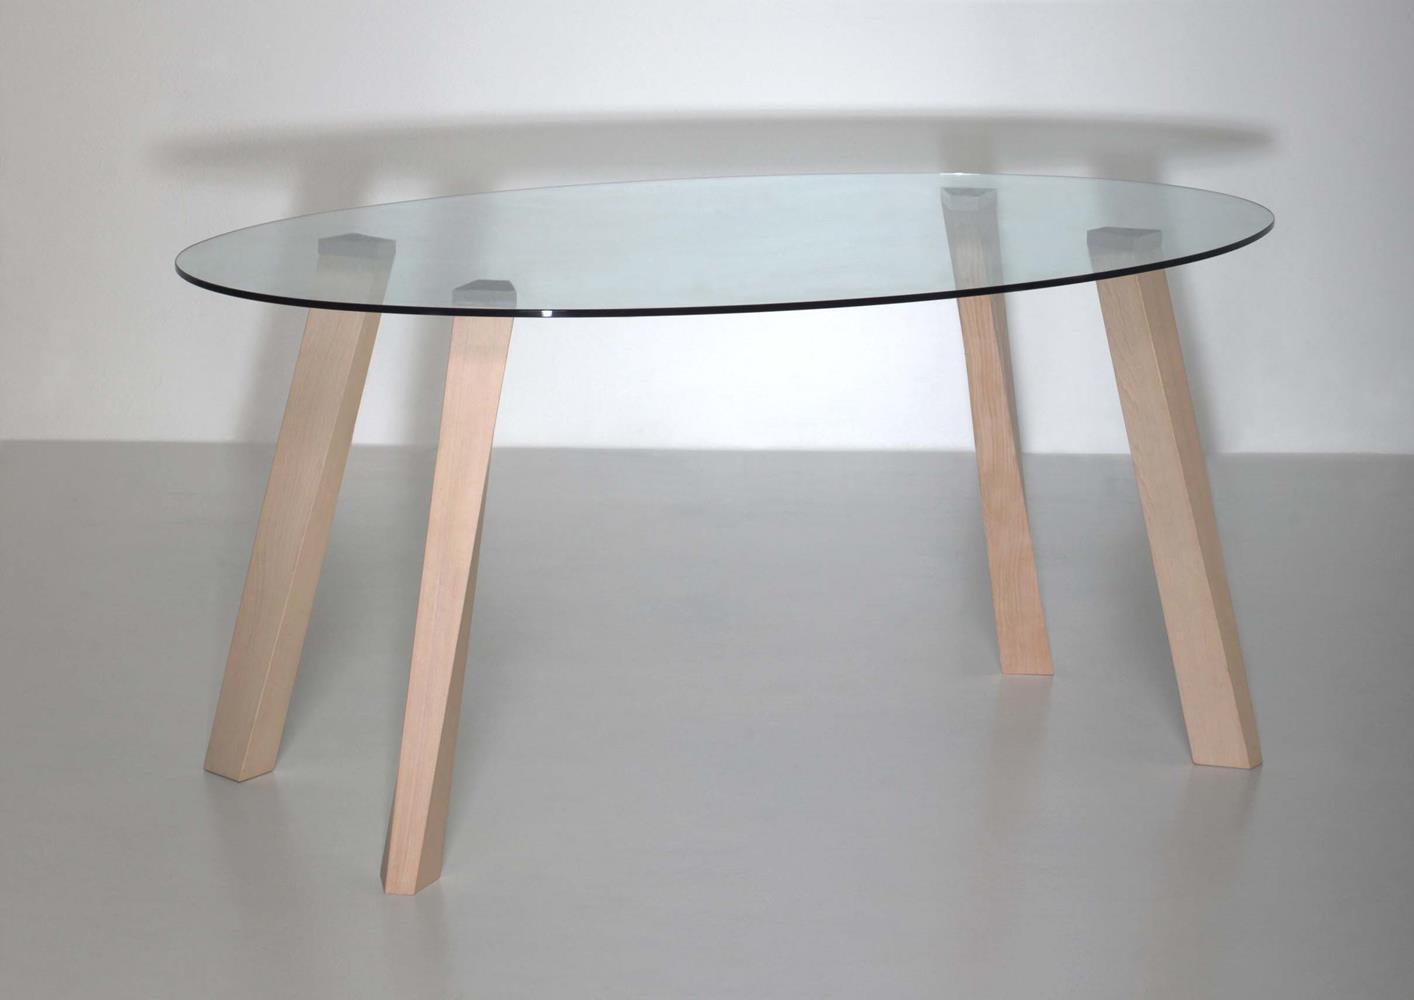 Table basse pied bois plateau verre